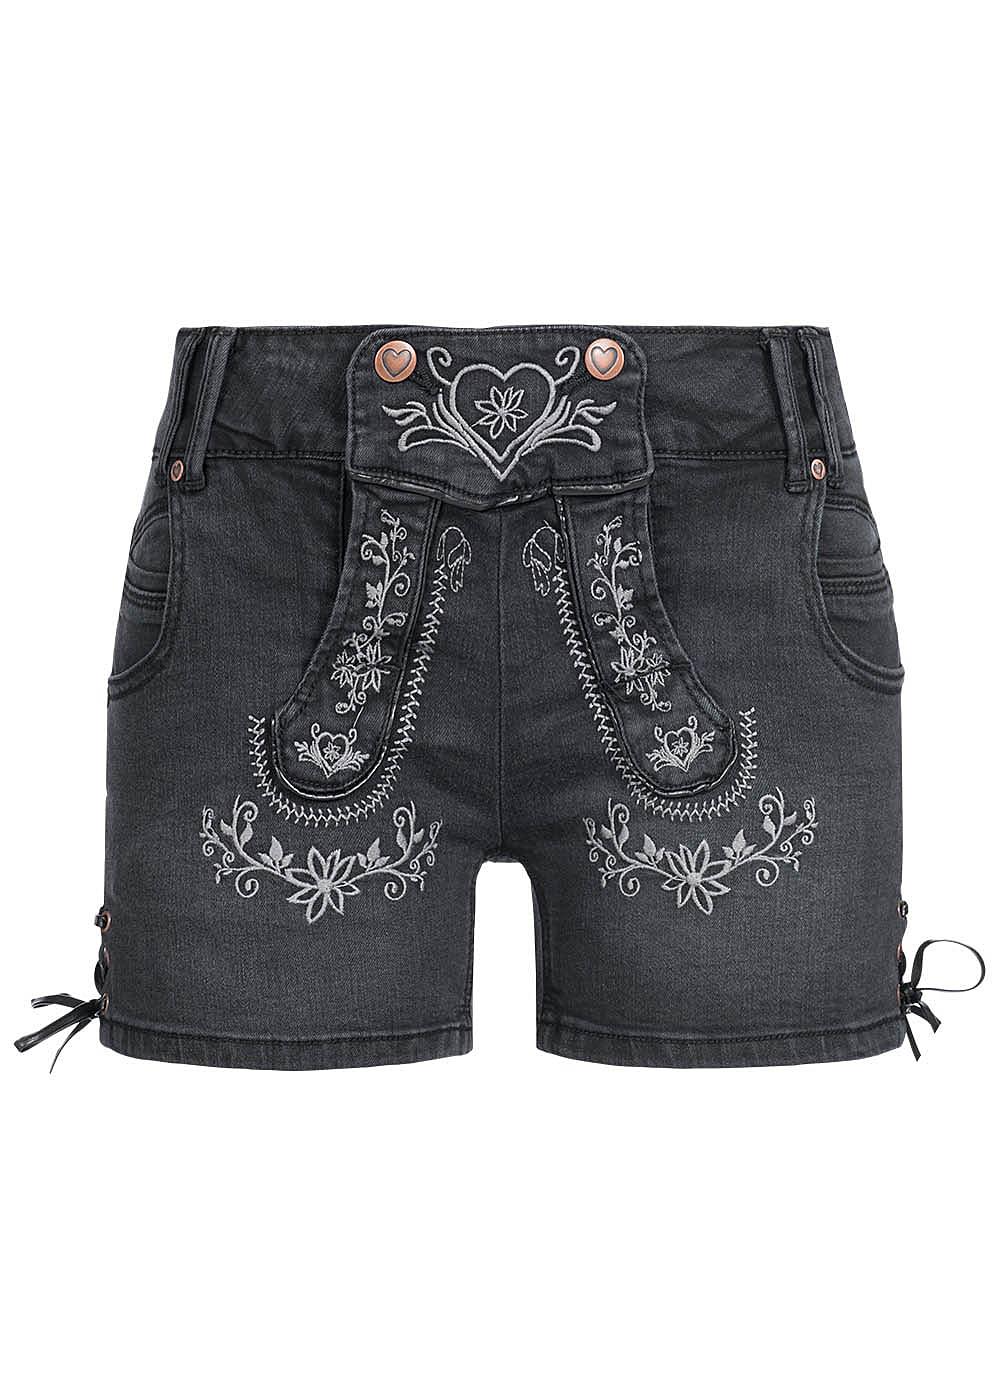 hailys damen trachten jeans short mit stickerei 5 pockets schwarz 77onlineshop. Black Bedroom Furniture Sets. Home Design Ideas